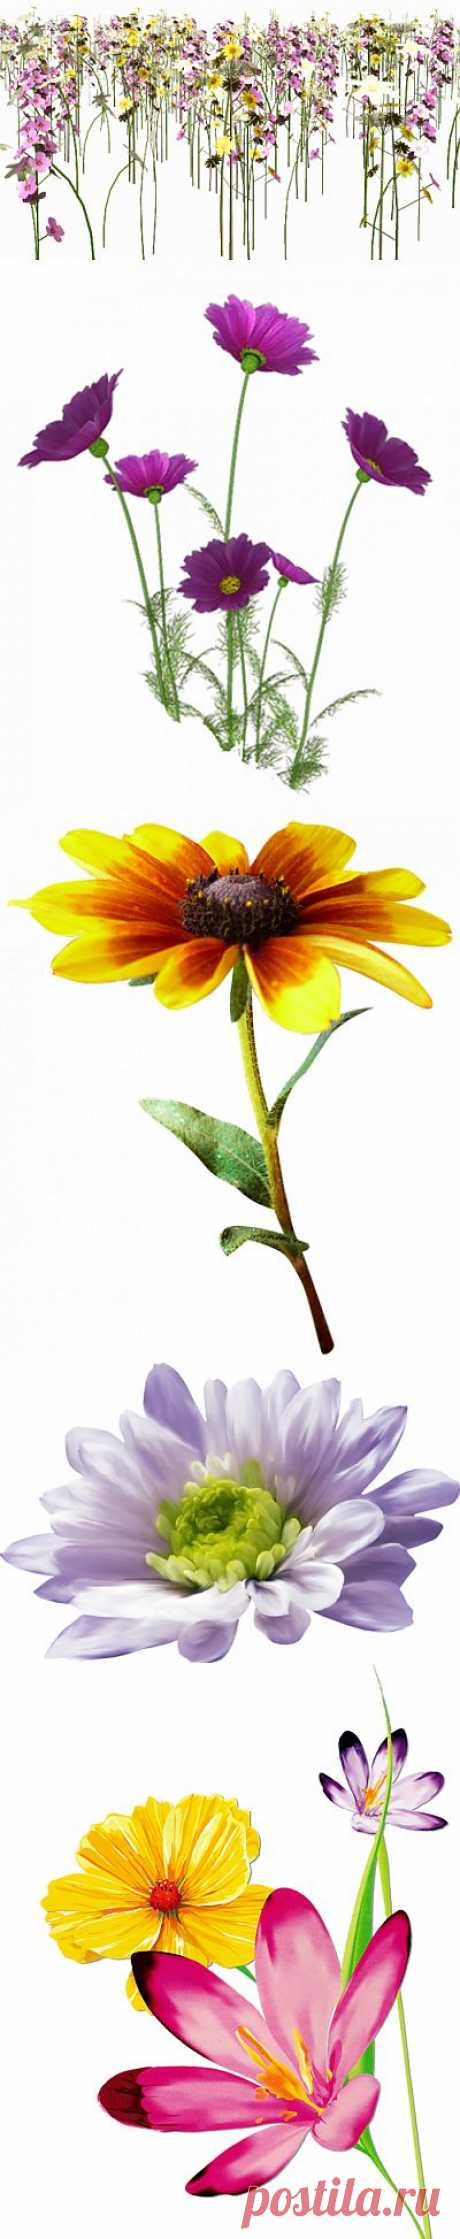 Для вашего творчества.. Полевые цветы...100 картинок на прозрачном фоне....